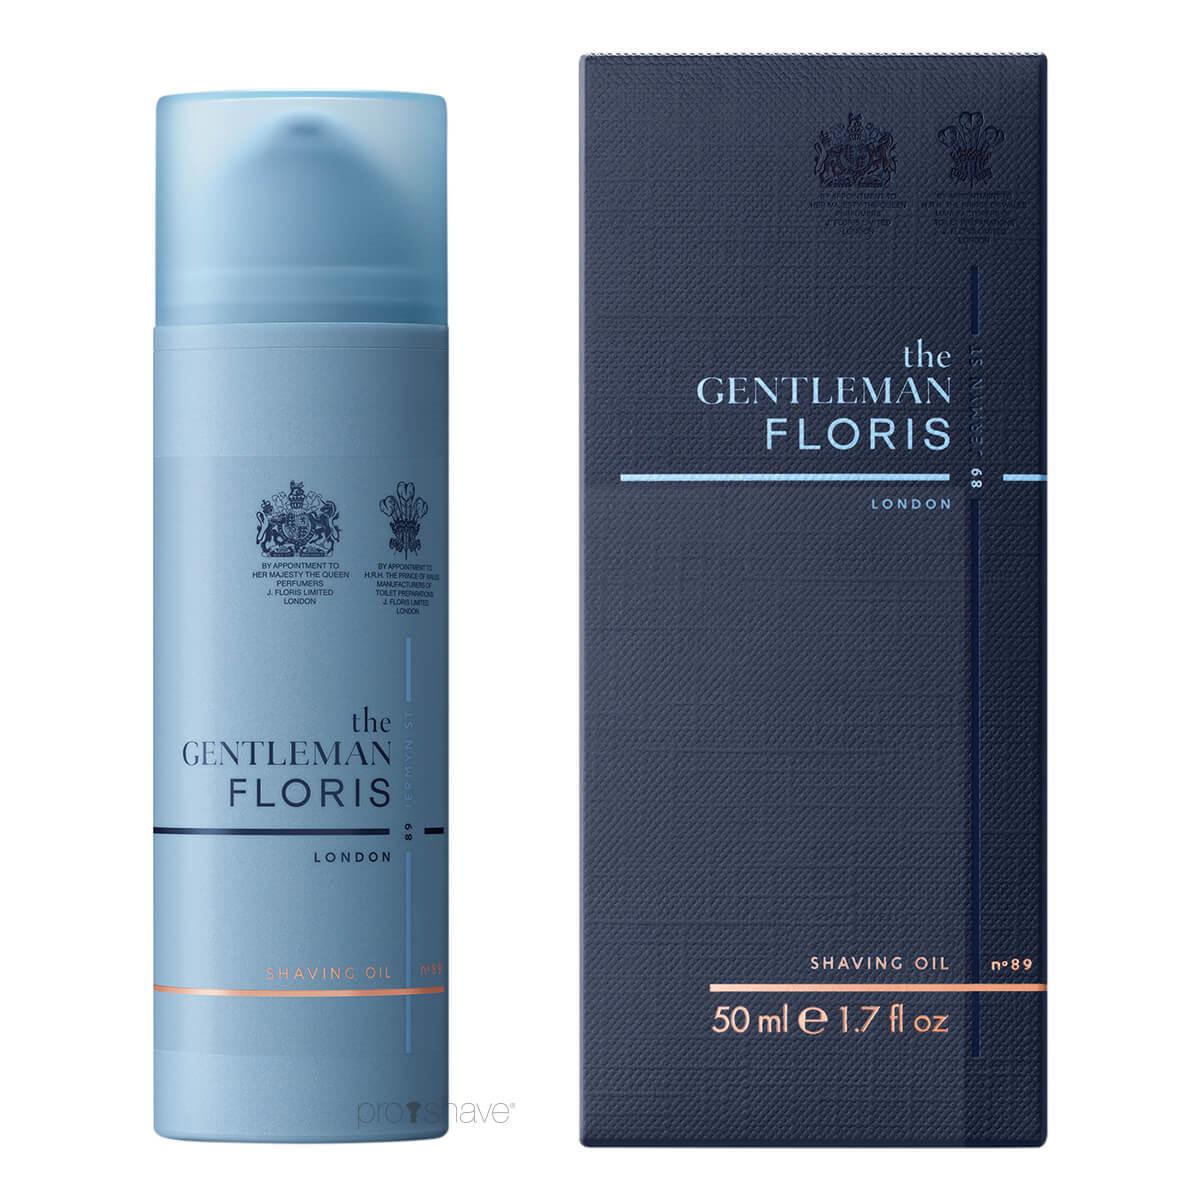 The Gentleman Floris Barberolie, No.89, 50 ml.